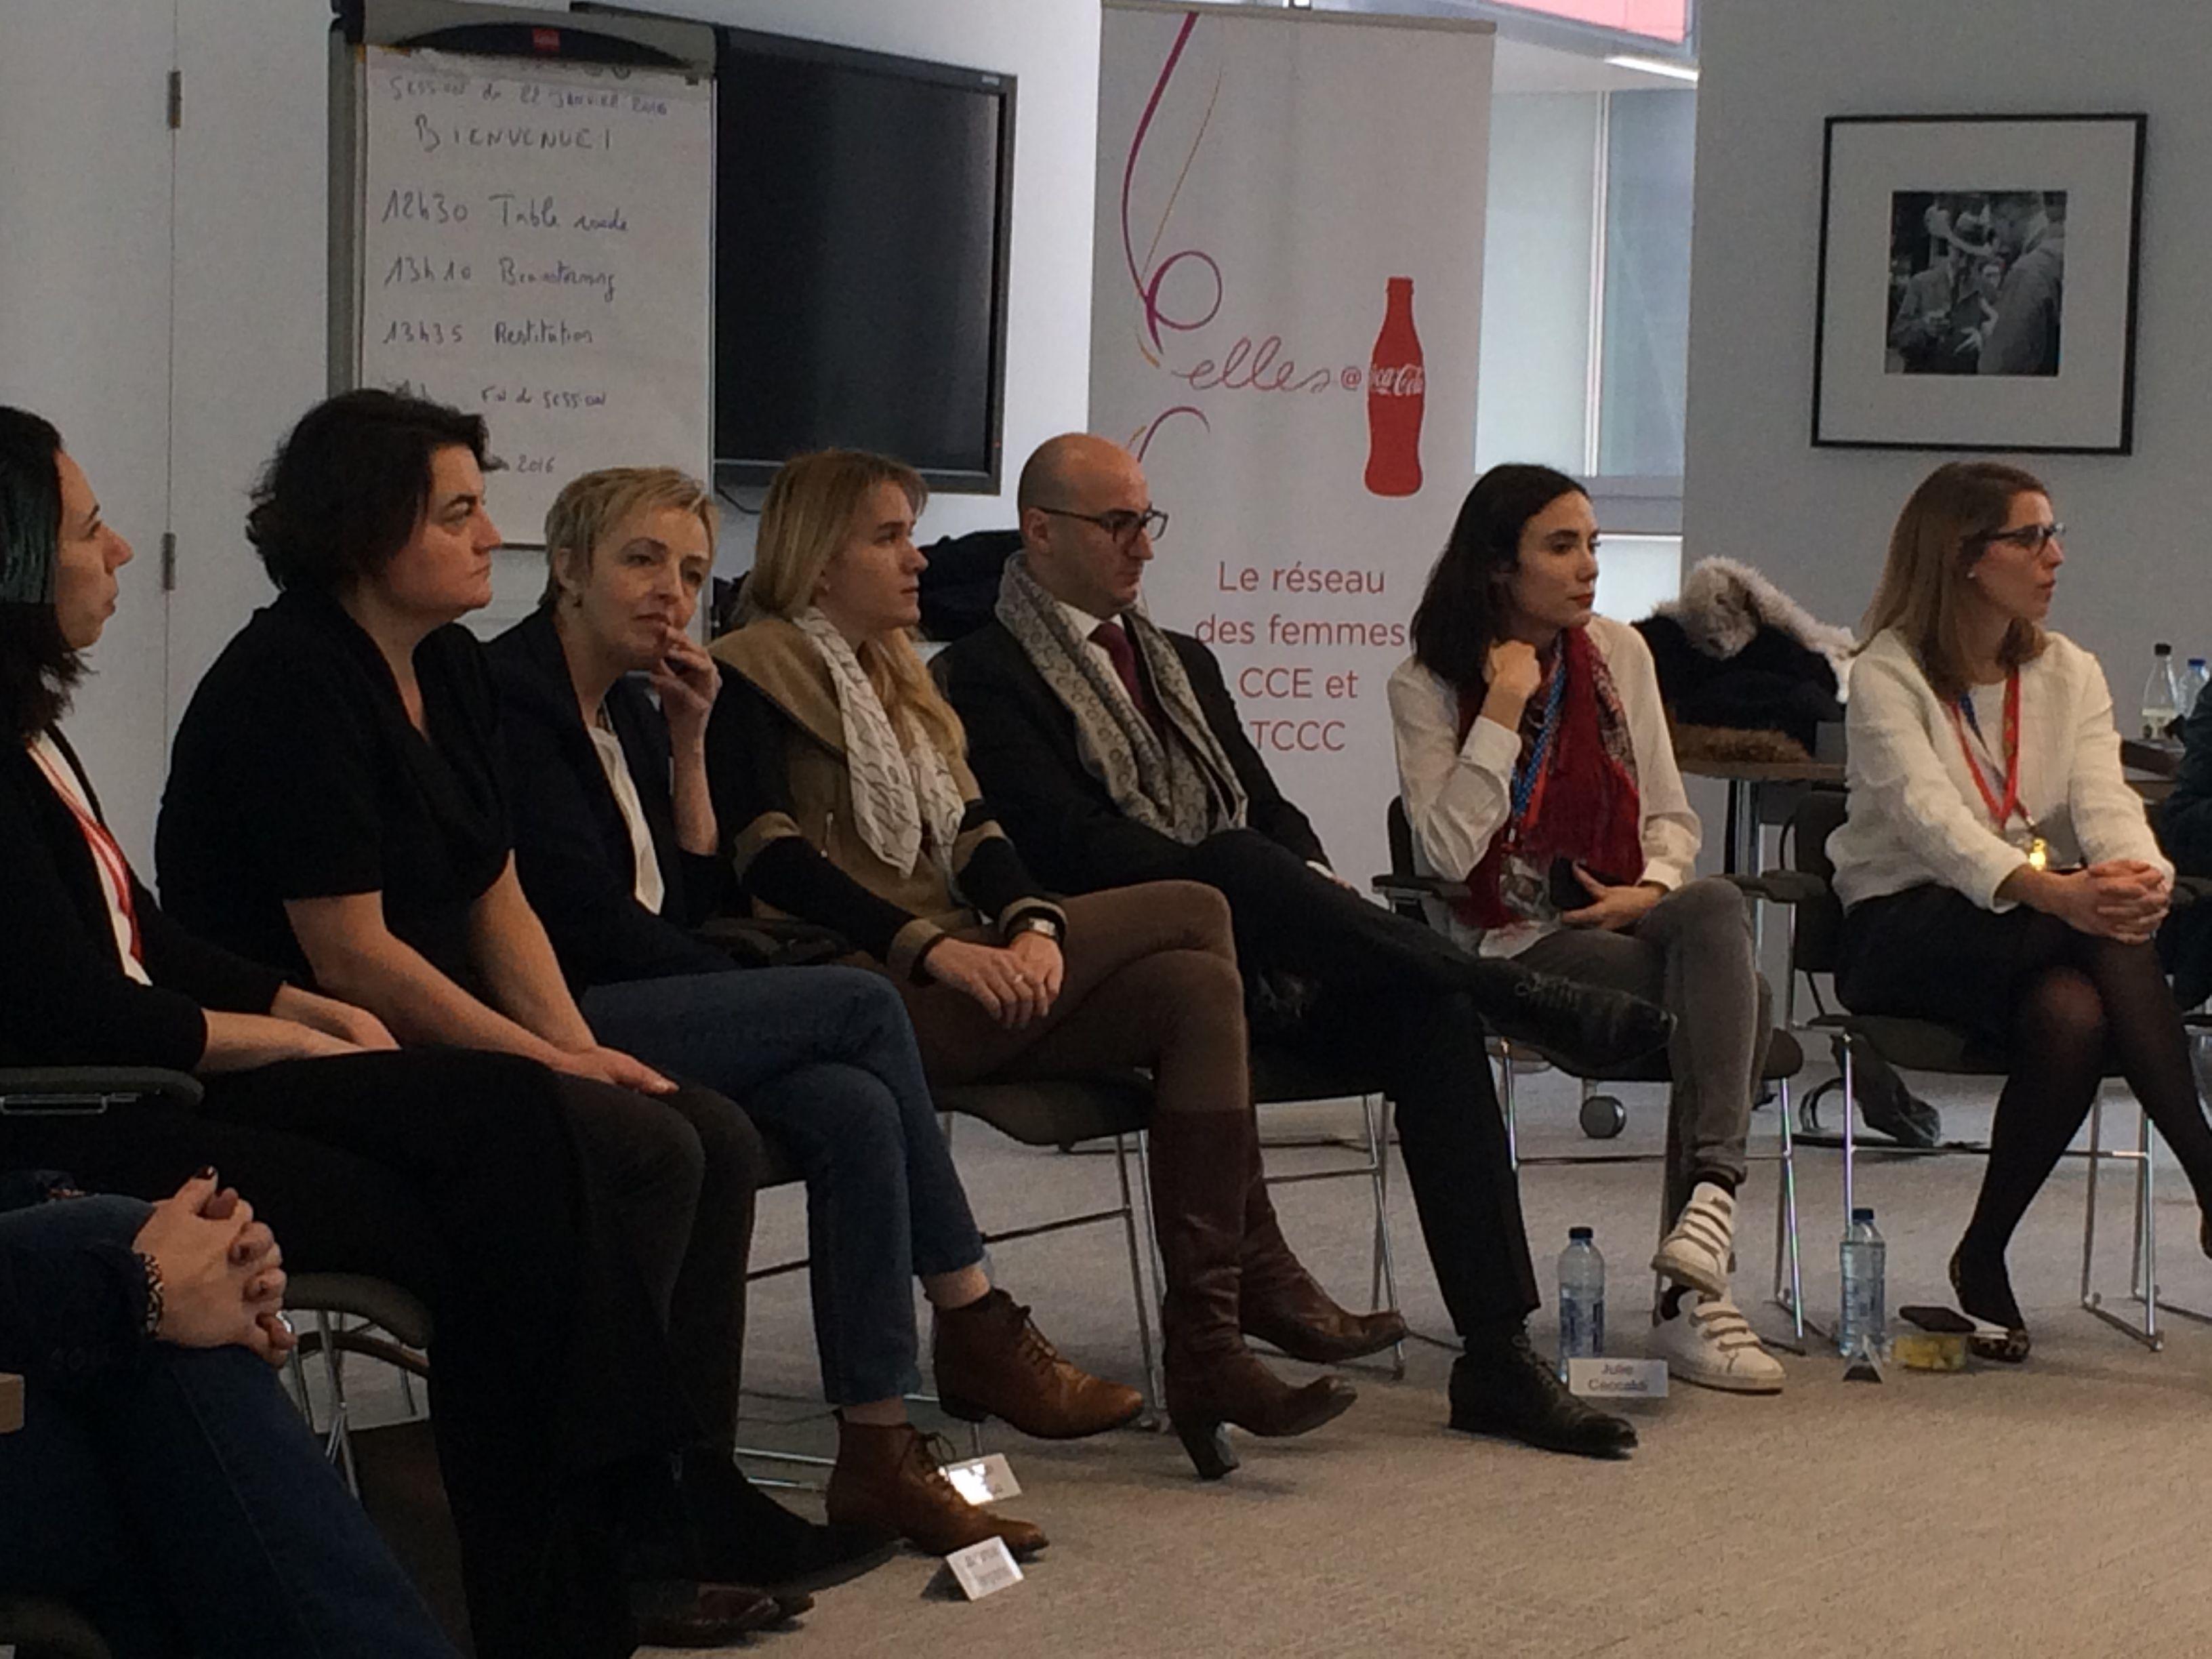 Mixité by CERA invité à l'événement inter-réseau organisé par Elles@Coca-Cola